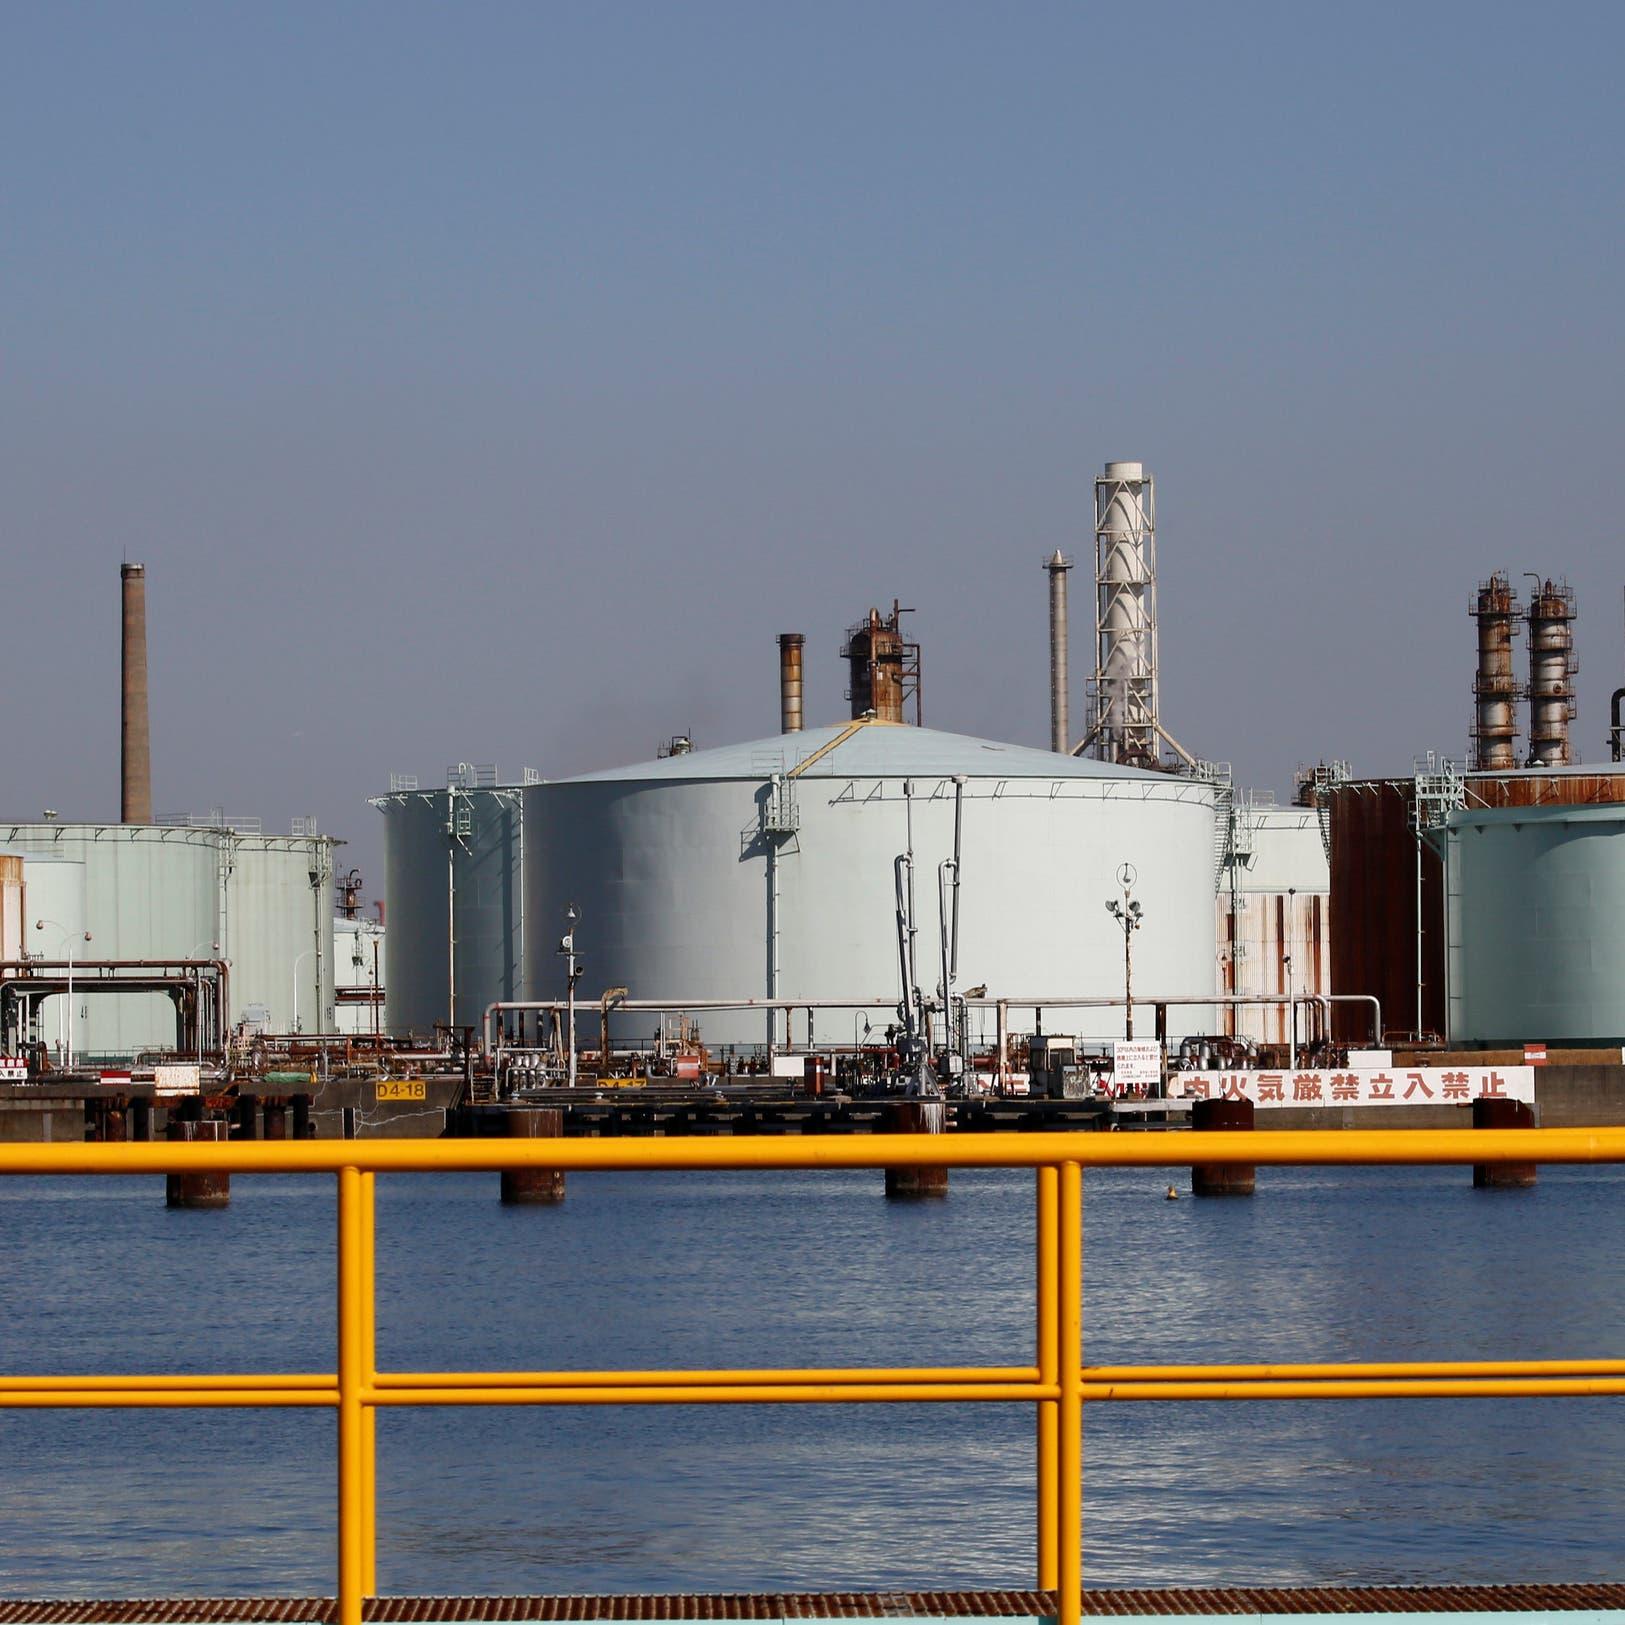 واردات رابع أكبر مشترٍ للنفط في العالم تتراجع